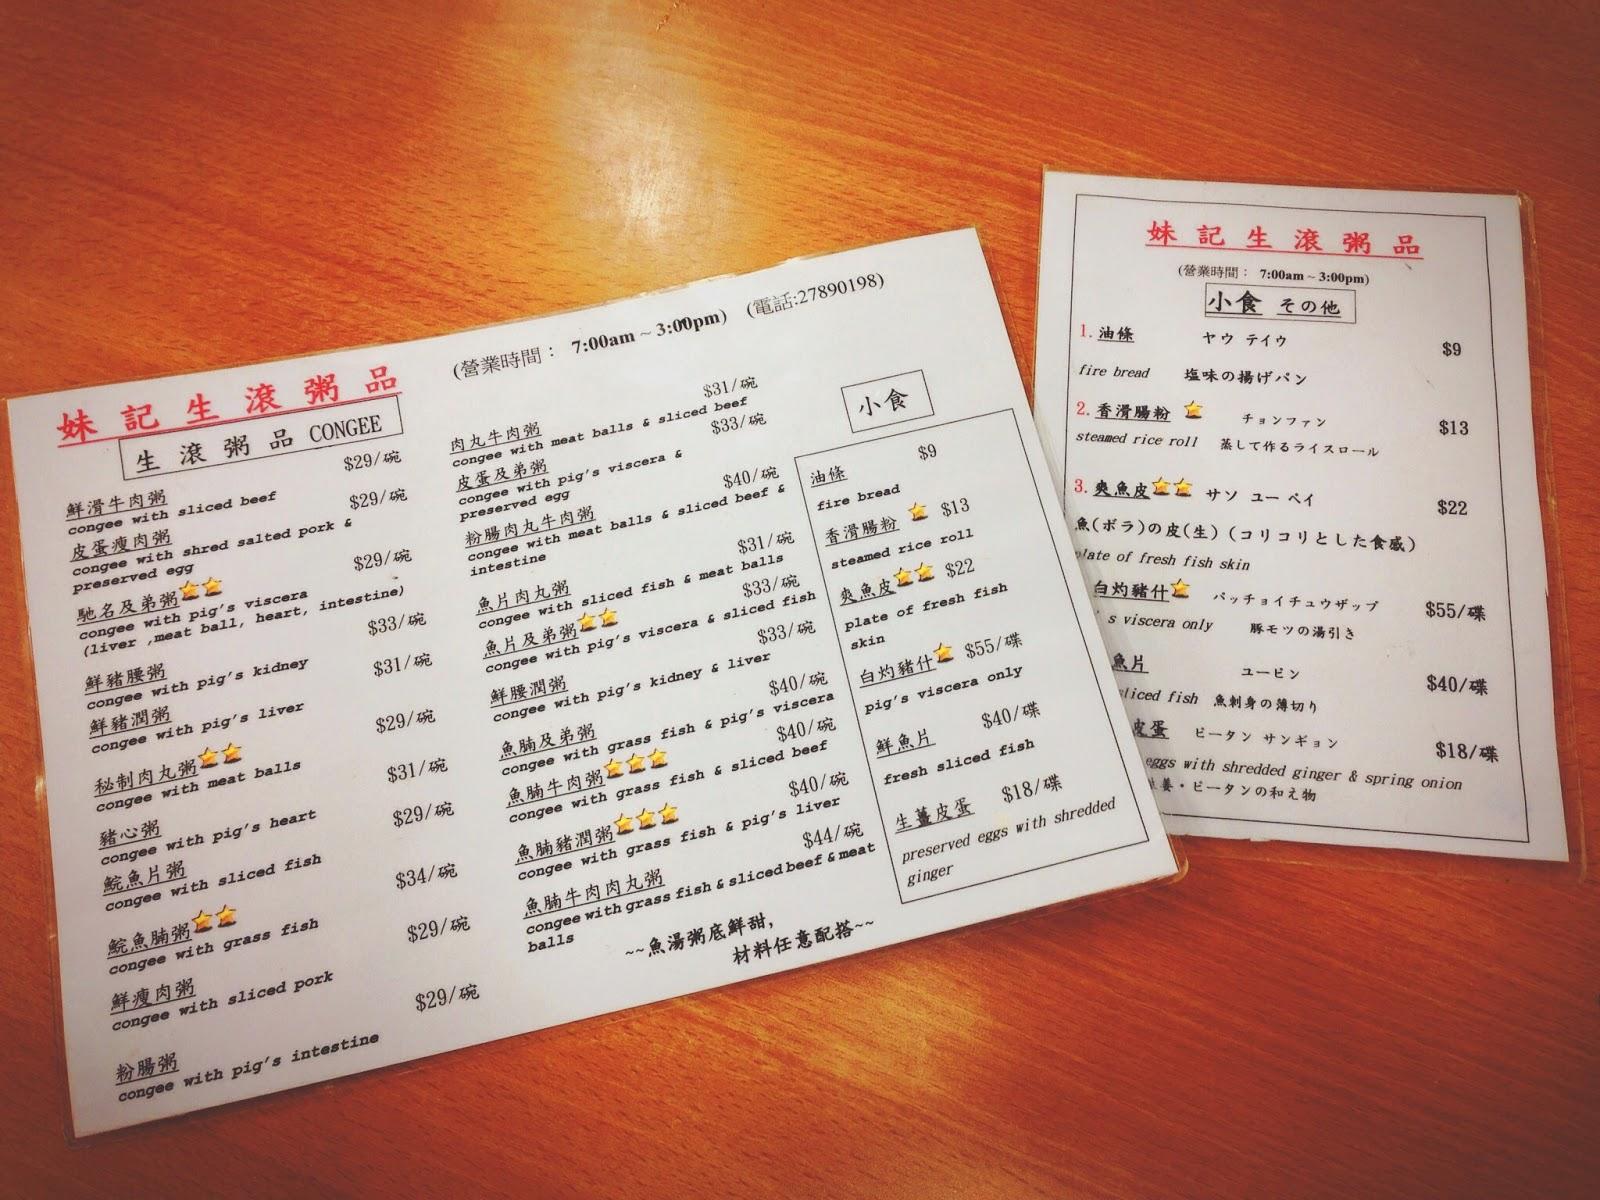 Menu at Mui Kee Congee Fa Yuen St Market HK